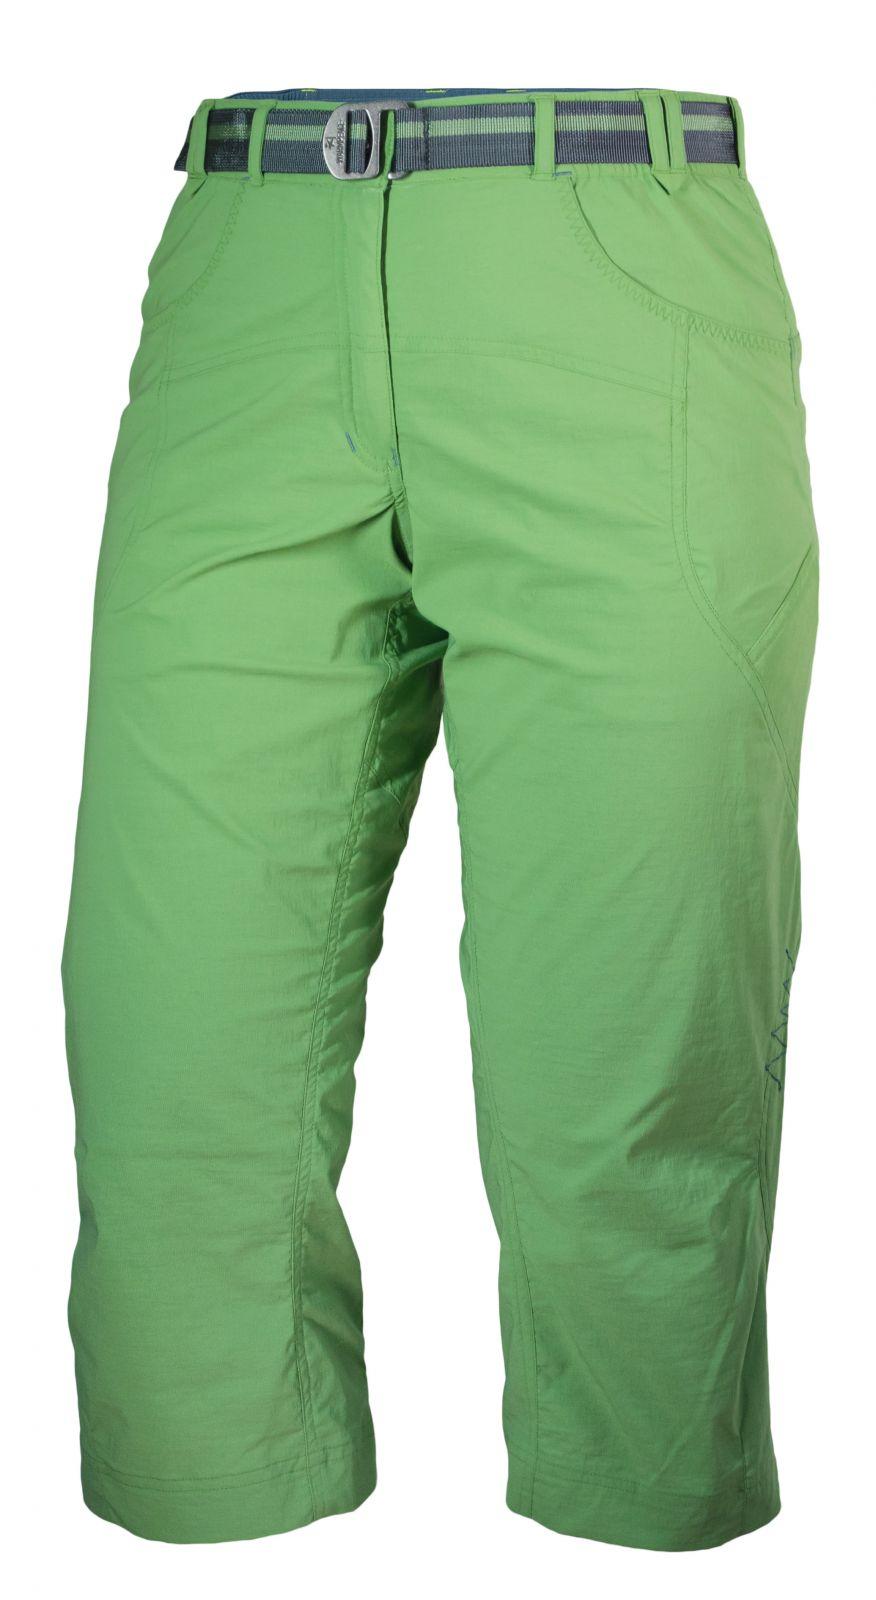 Tazz-Sport - Warmpeace Flex 3/4 Lady Grass dámské kalhoty